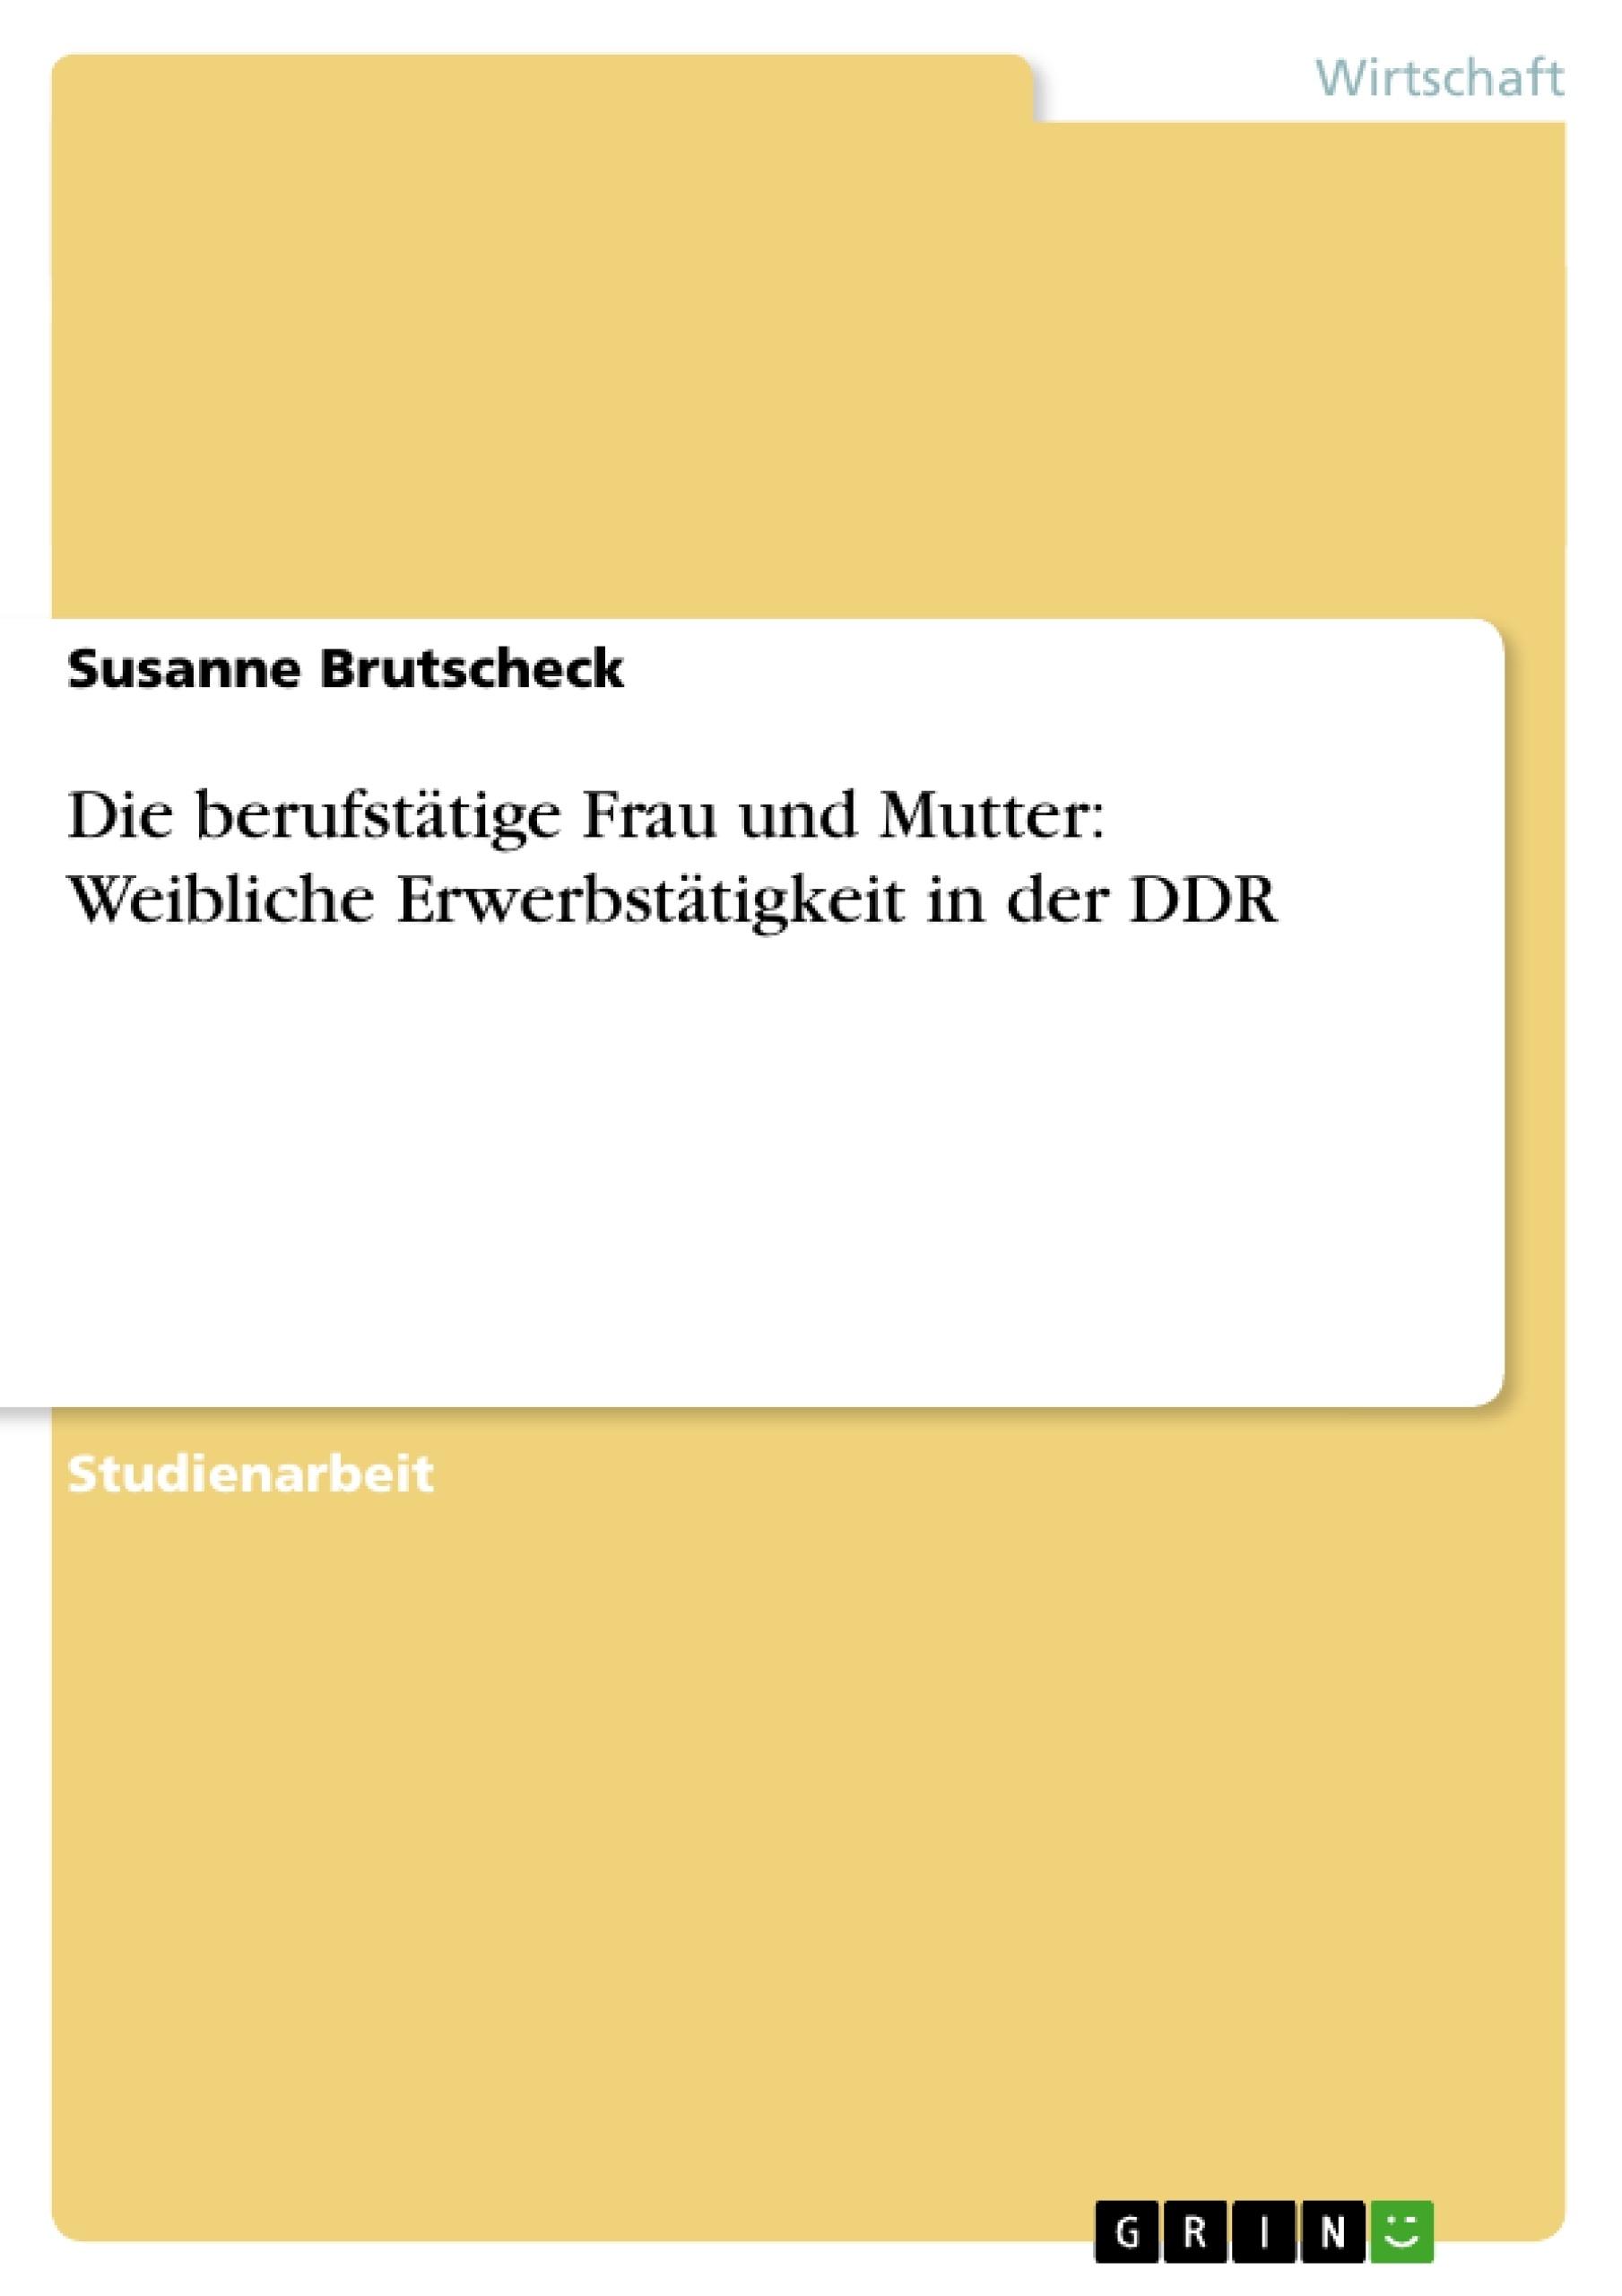 Titel: Die berufstätige Frau und Mutter: Weibliche Erwerbstätigkeit in der DDR